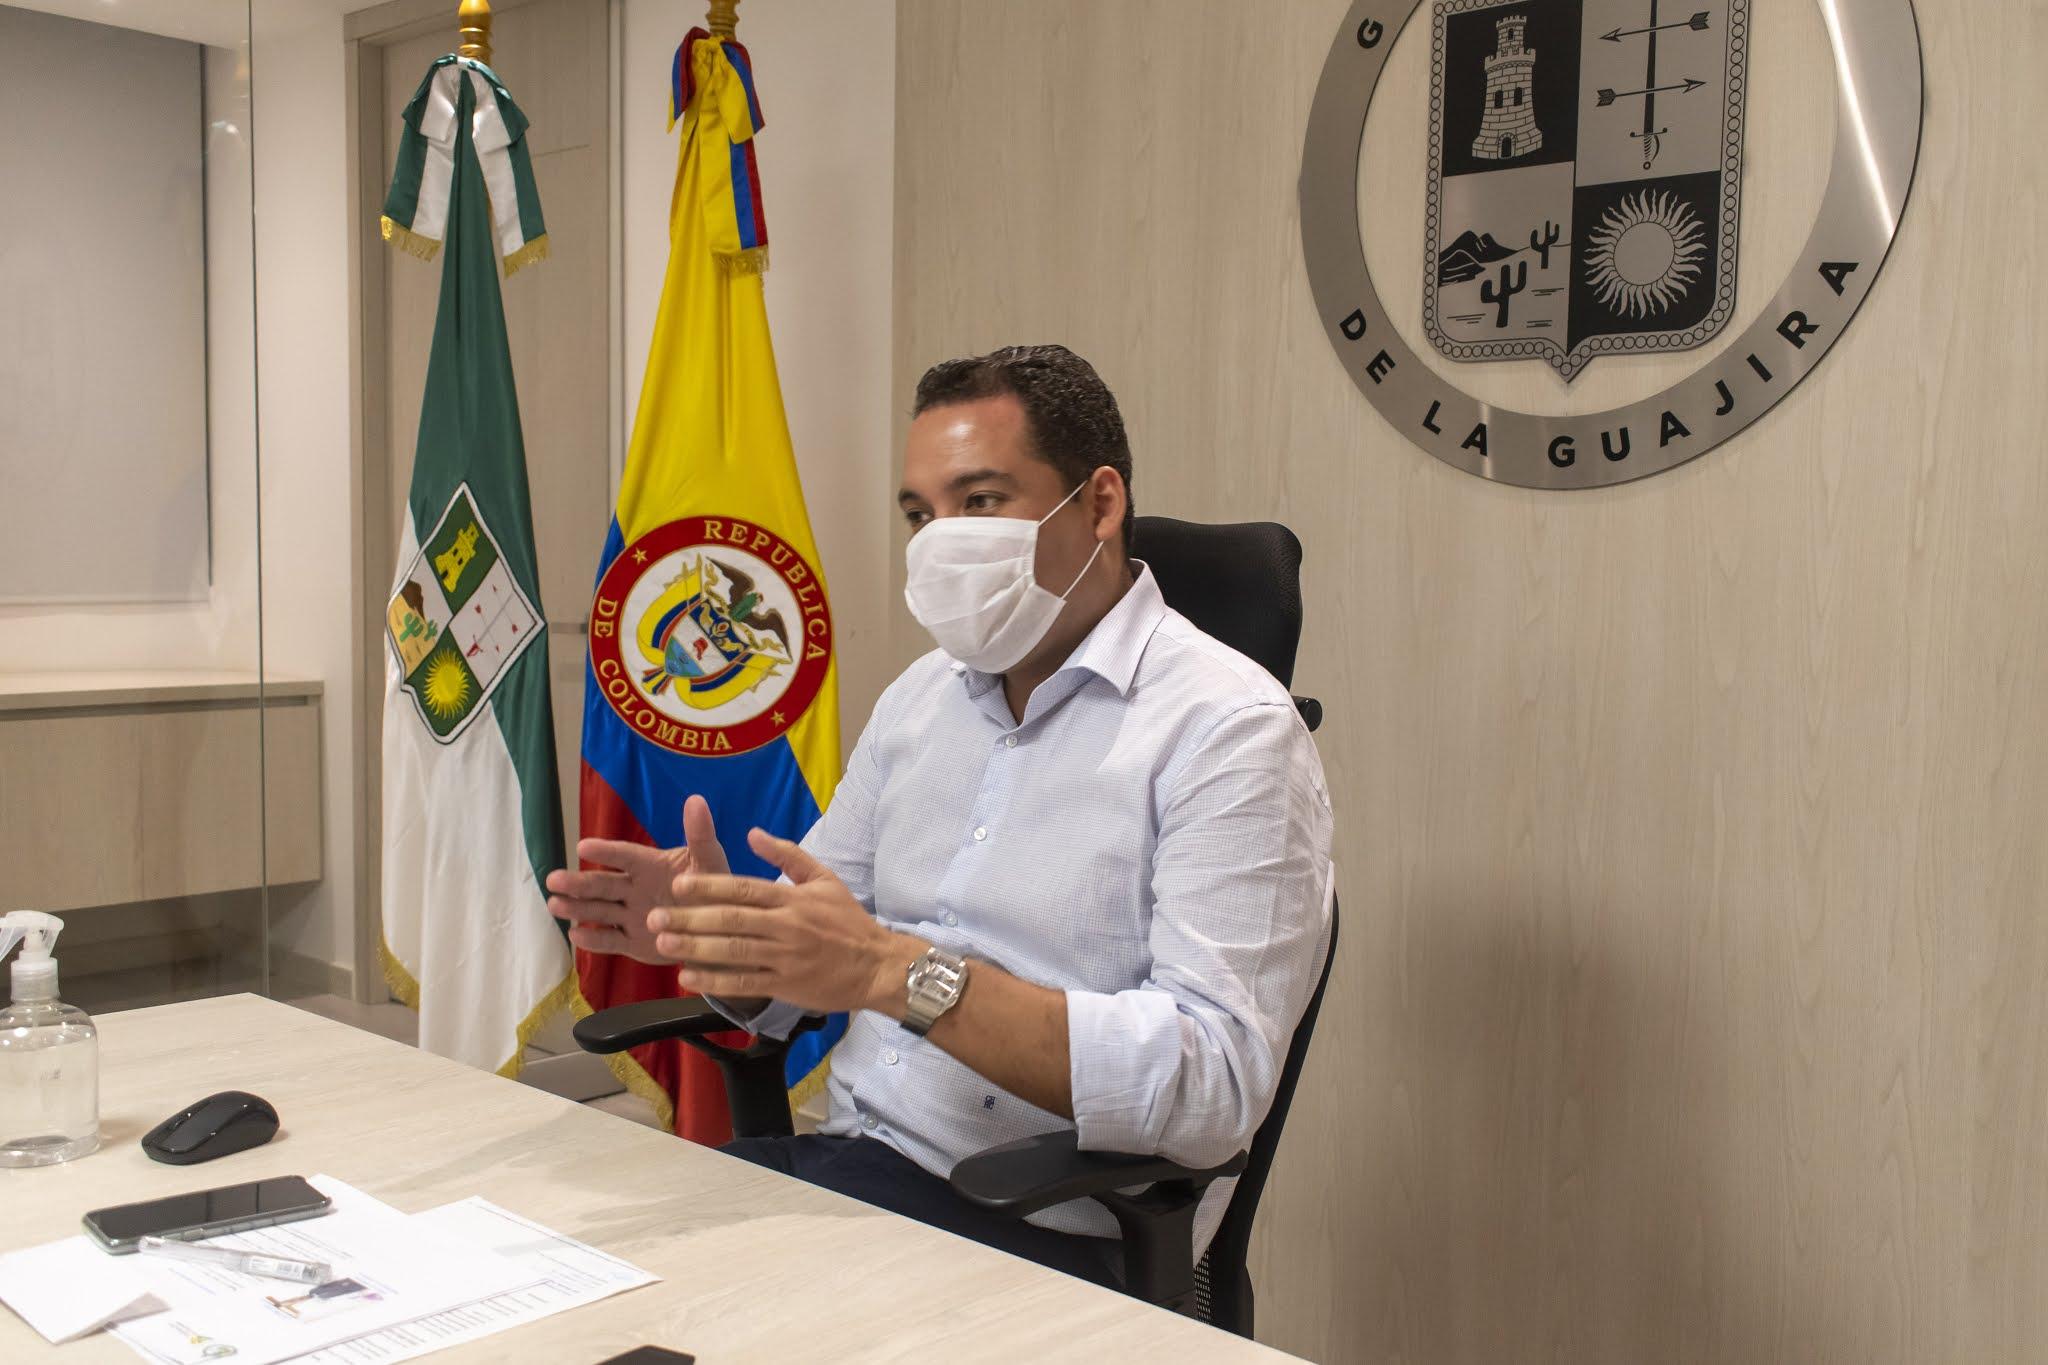 https://www.notasrosas.com/Gobernación de La Guajira giró más 8 mil 500 millones de pesos a Uniguajira